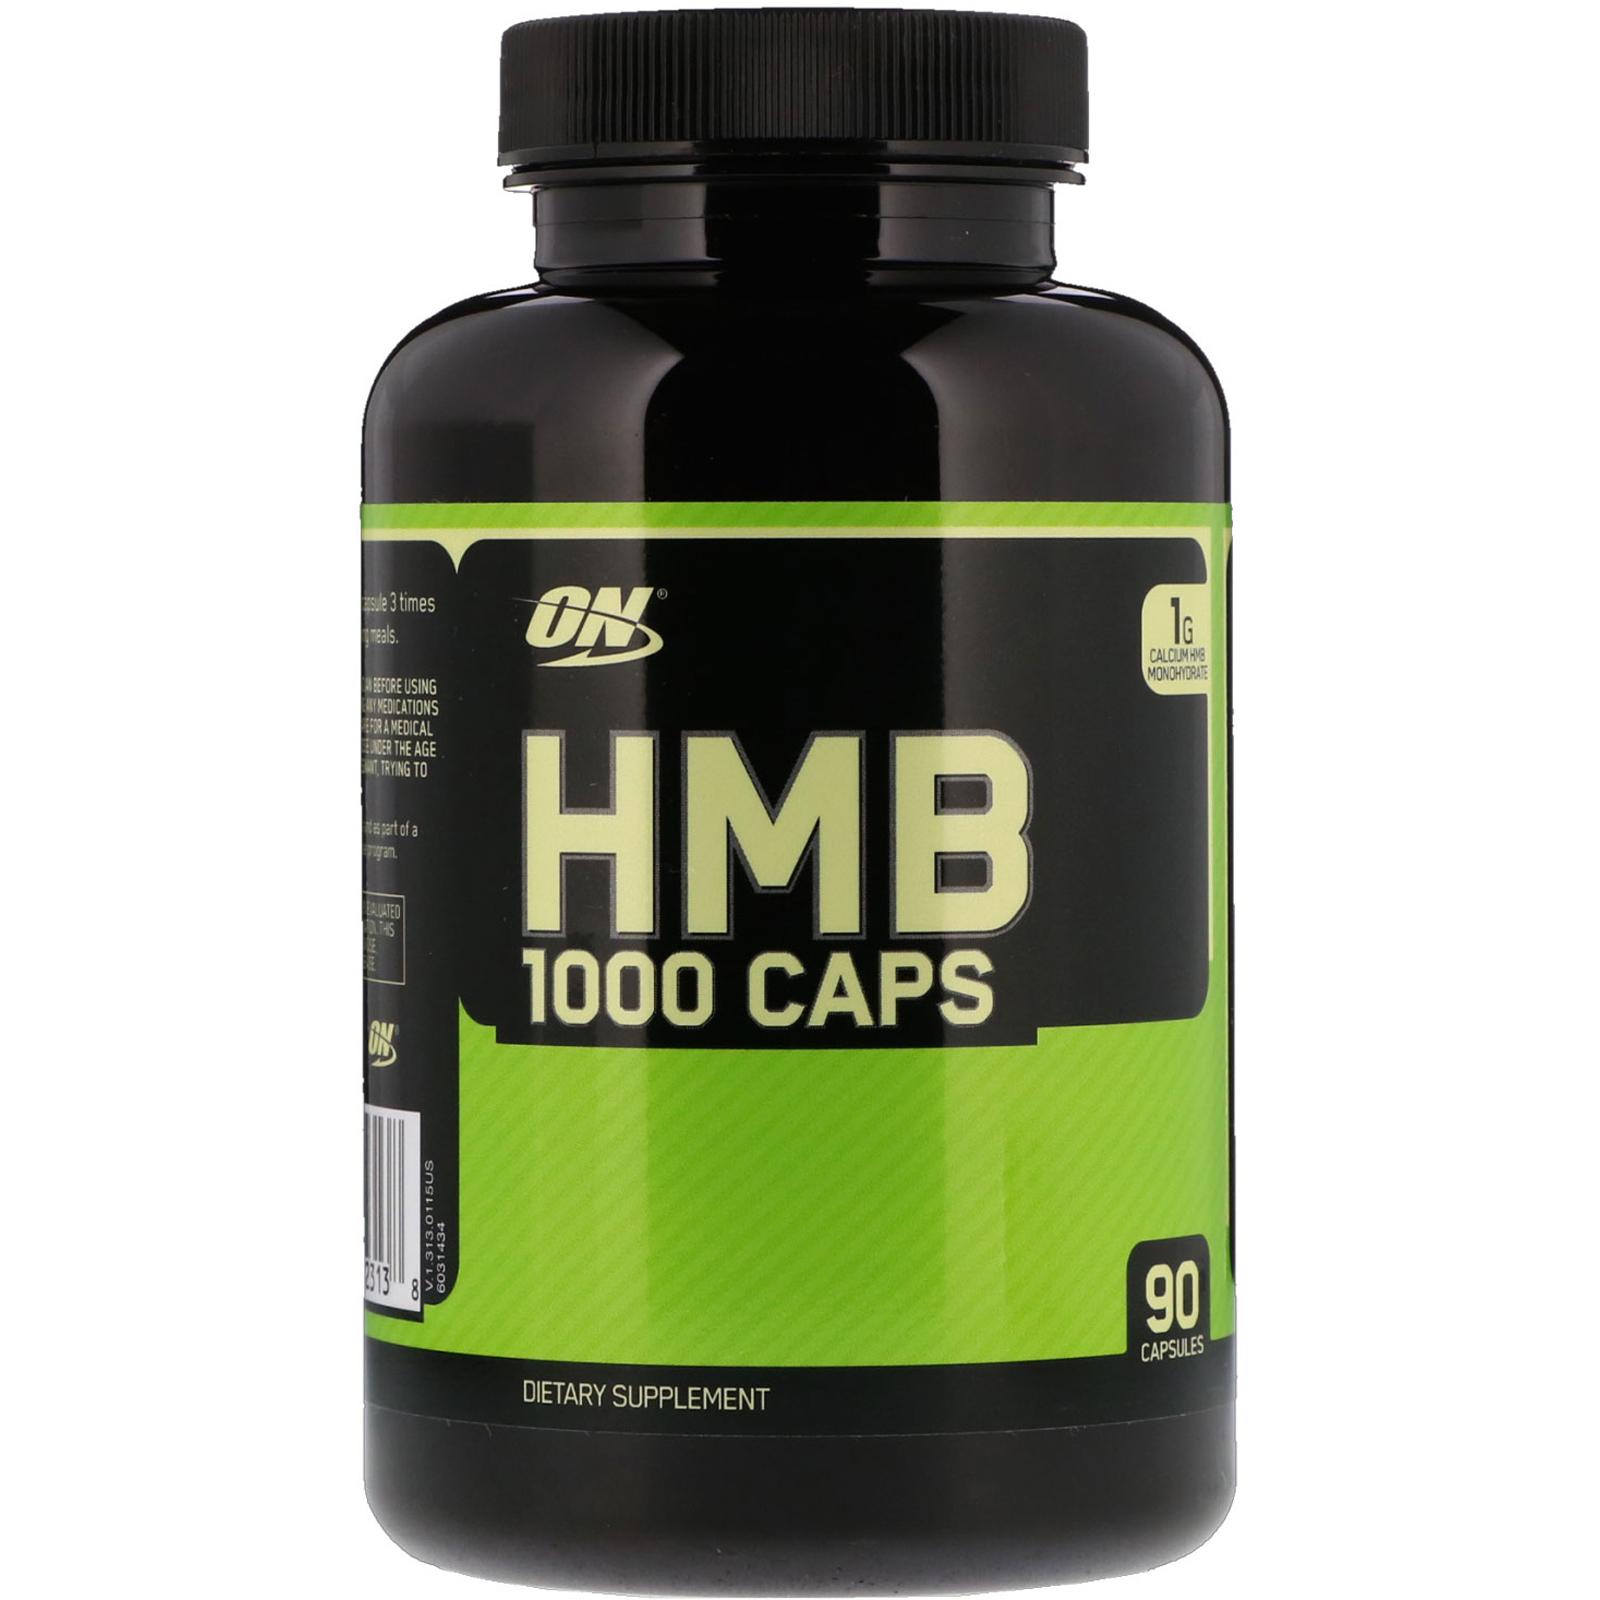 hmb star nutrition